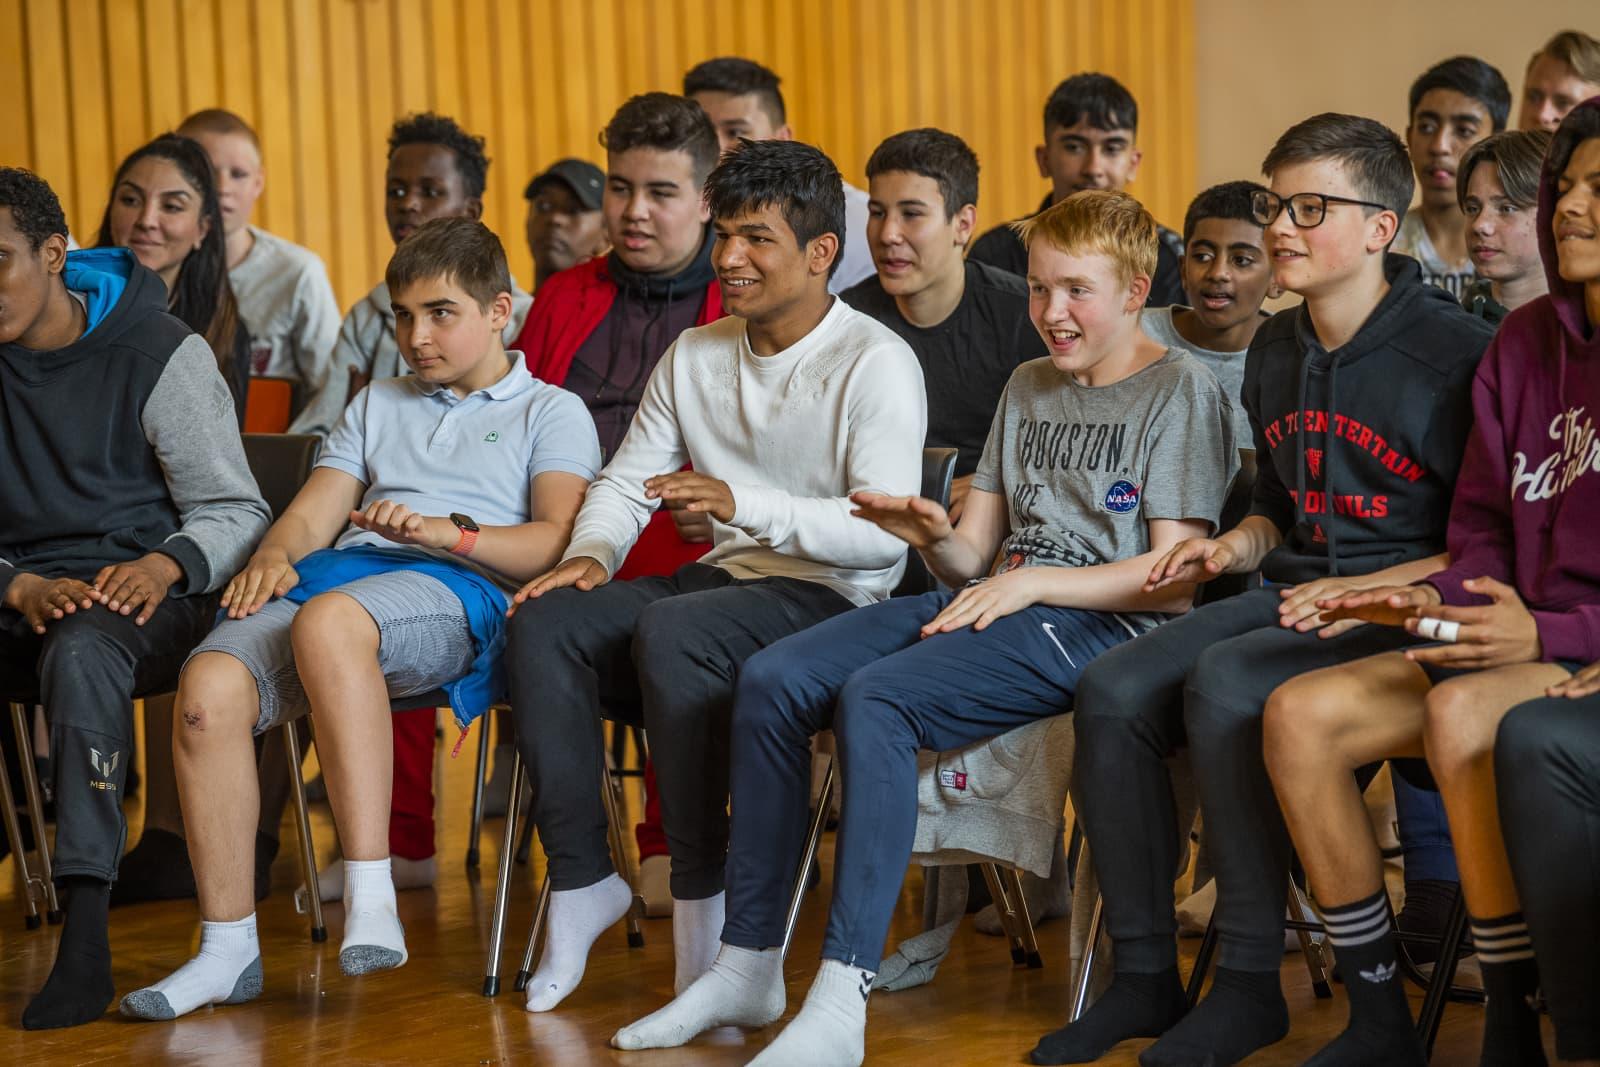 46 gutter deltok på Guttas Campus læringscamp i Oslo i 2019